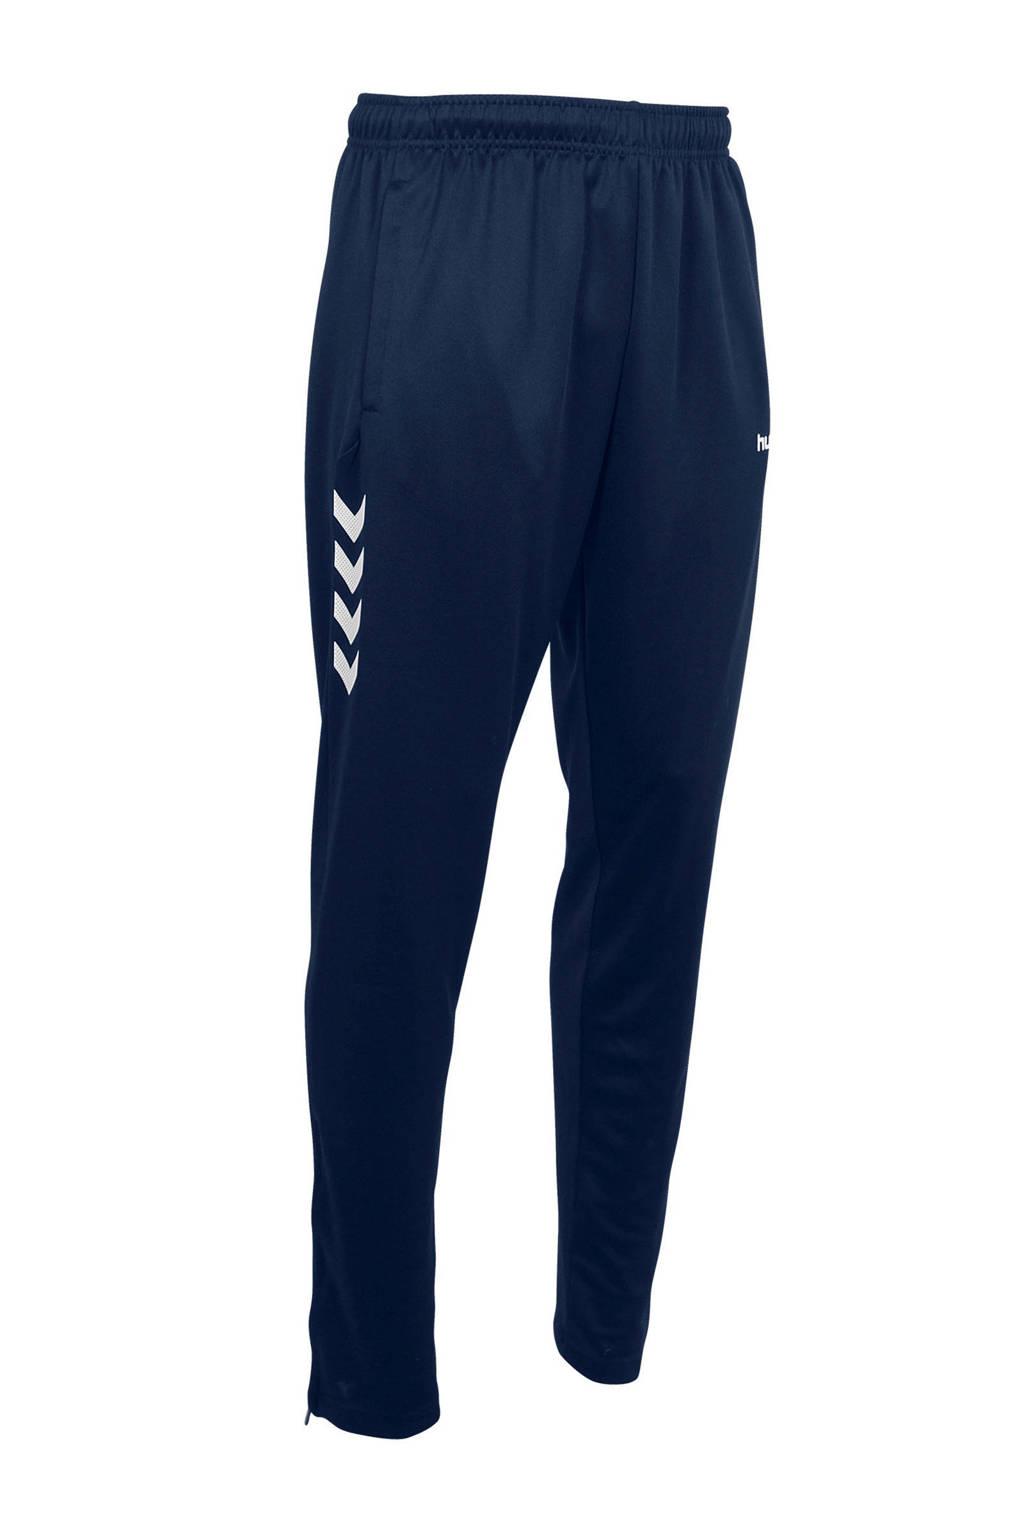 hummel   sportbroek Valencia, Donkerblauw/wit, Heren